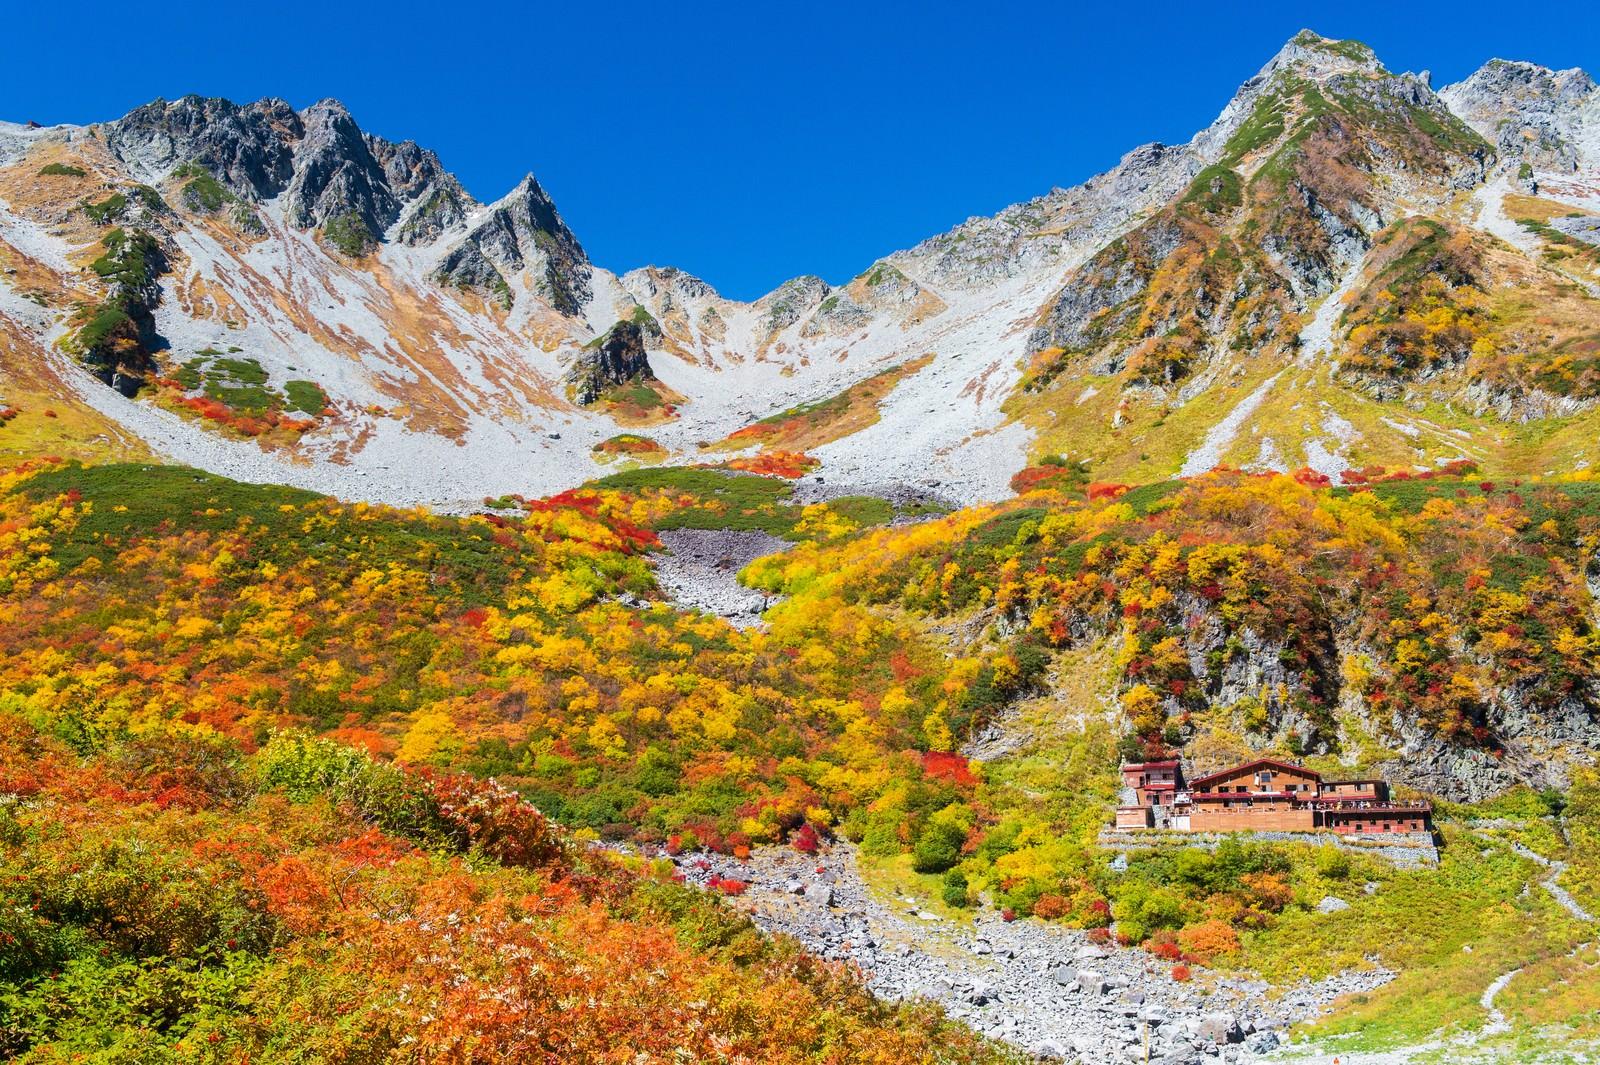 「涸沢ヒュッテから見る涸沢カールの紅葉最盛期」の写真